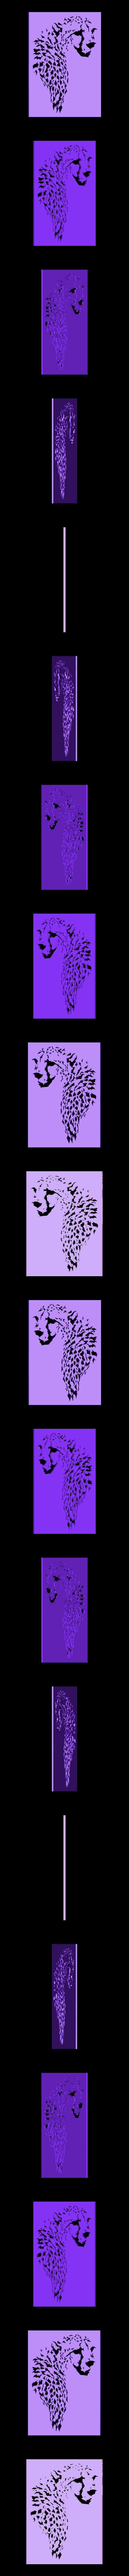 cheetah.stl Download free STL file Cheetah (Grafin-Drachen) • 3D print model, Gophy